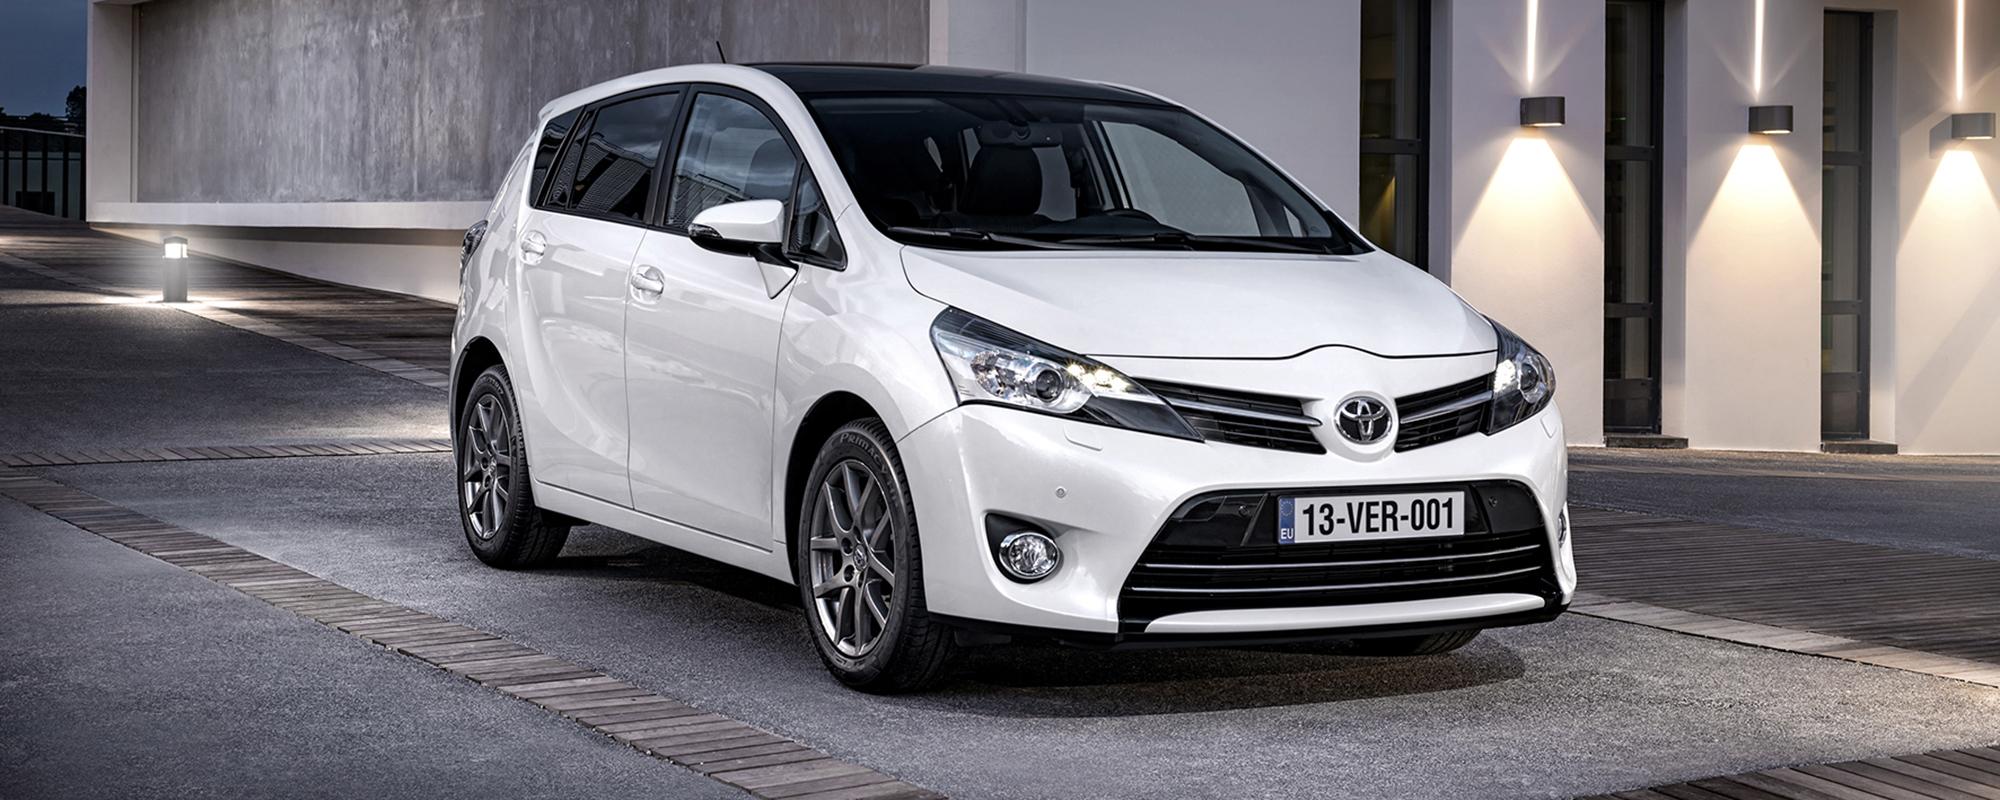 Samenwerking Toyota en BMW: Toyota Verso 2014 met nieuwe 1.6 dieselmotor